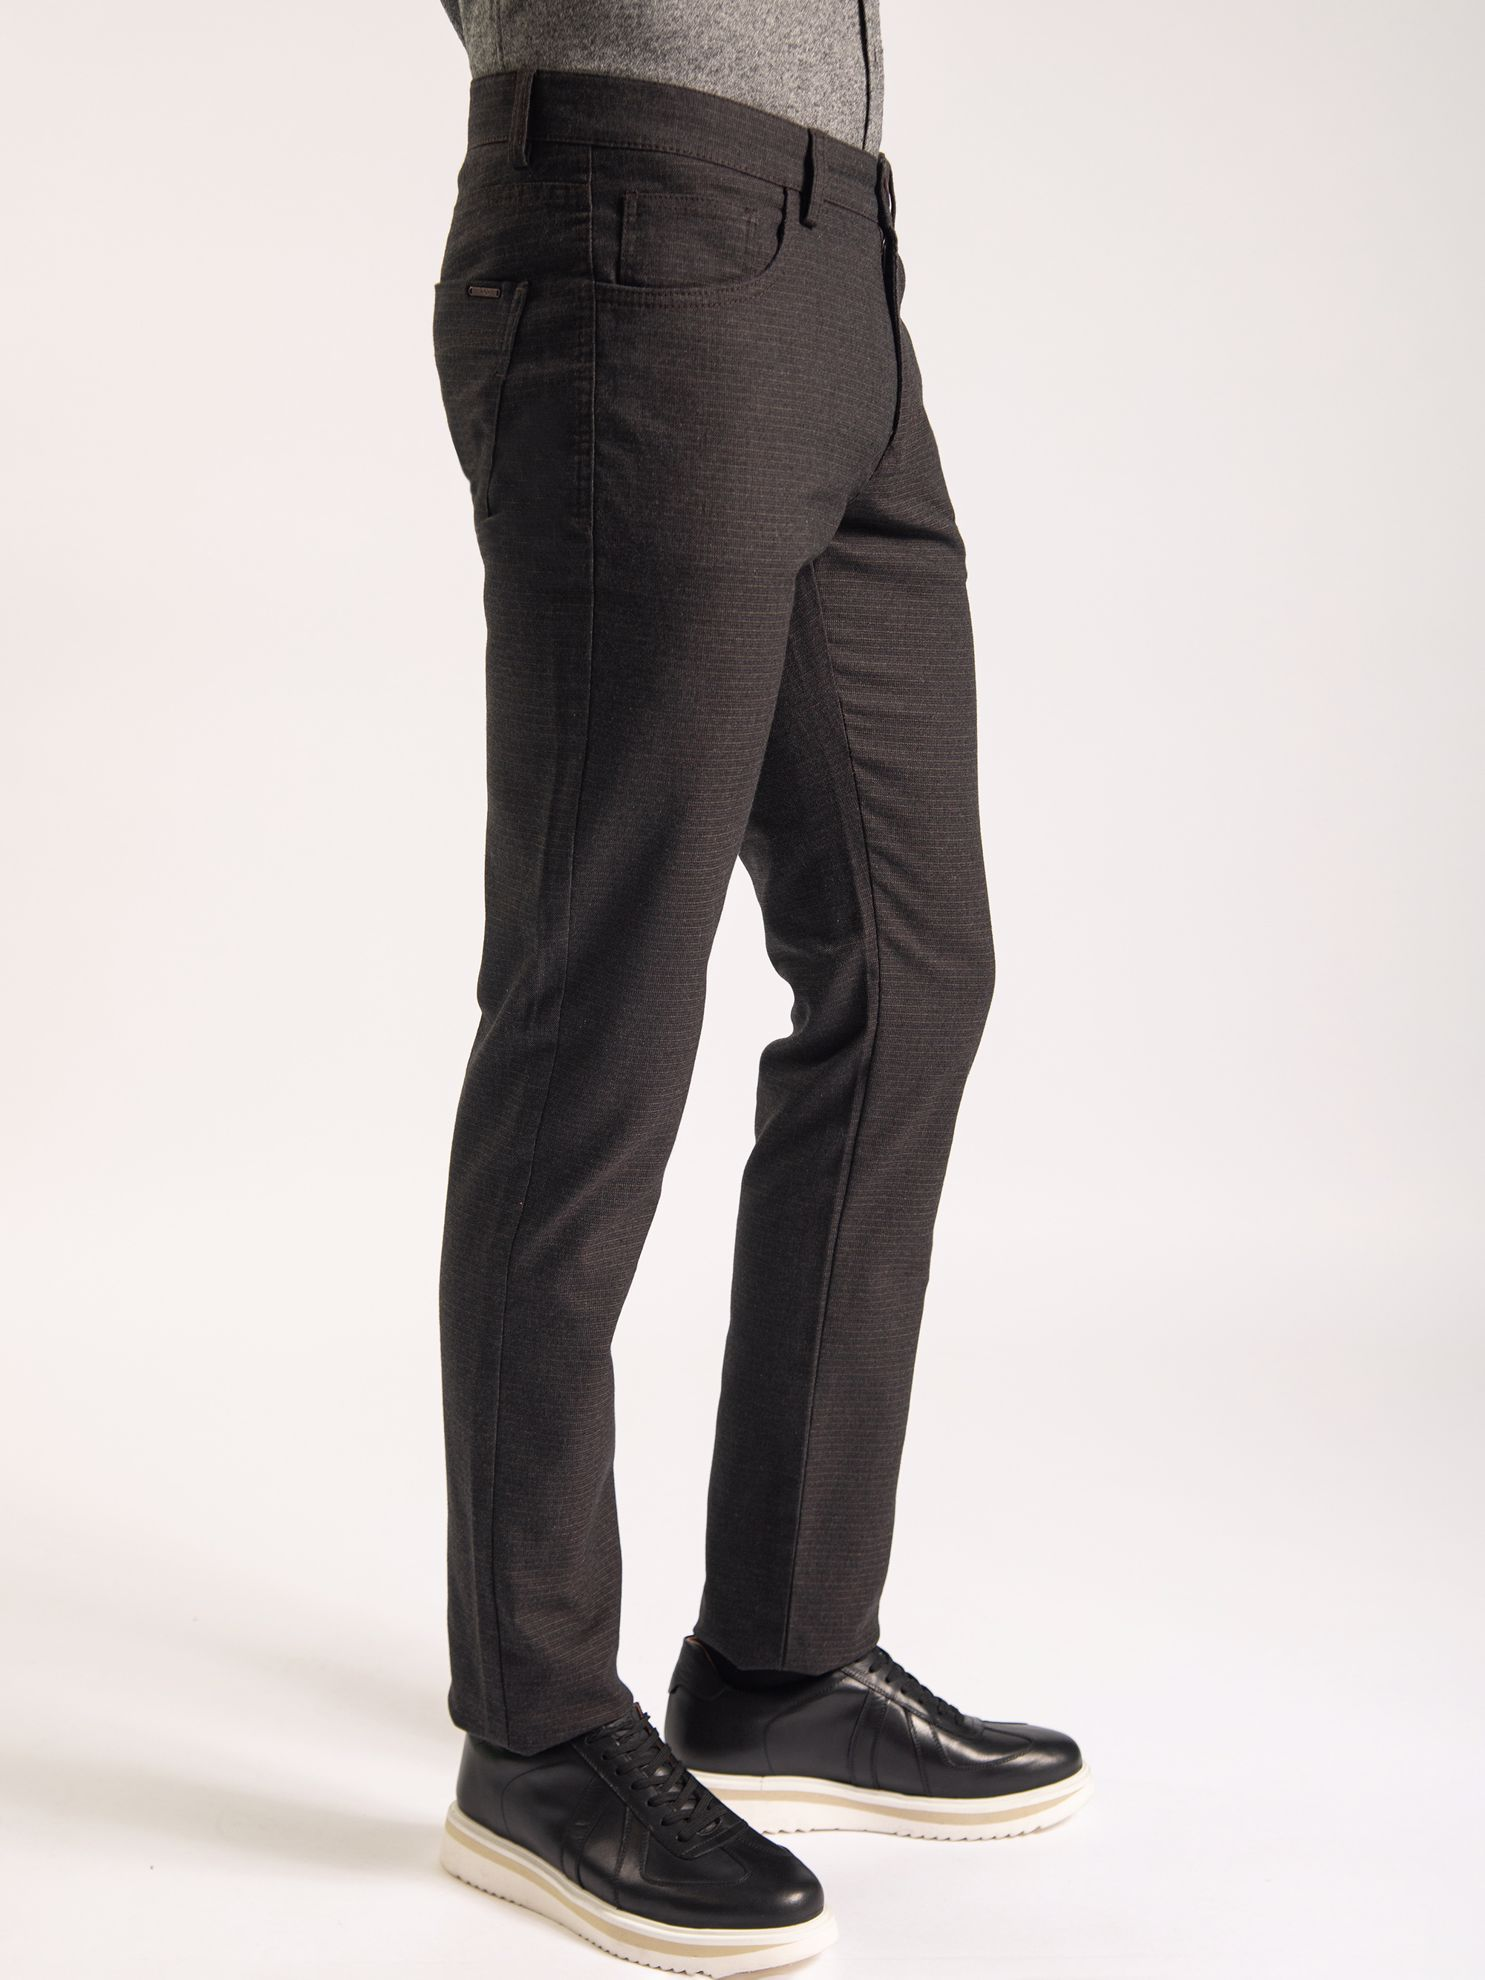 Toss Erkek 6 Drop Pantolon-Haki. ürün görseli